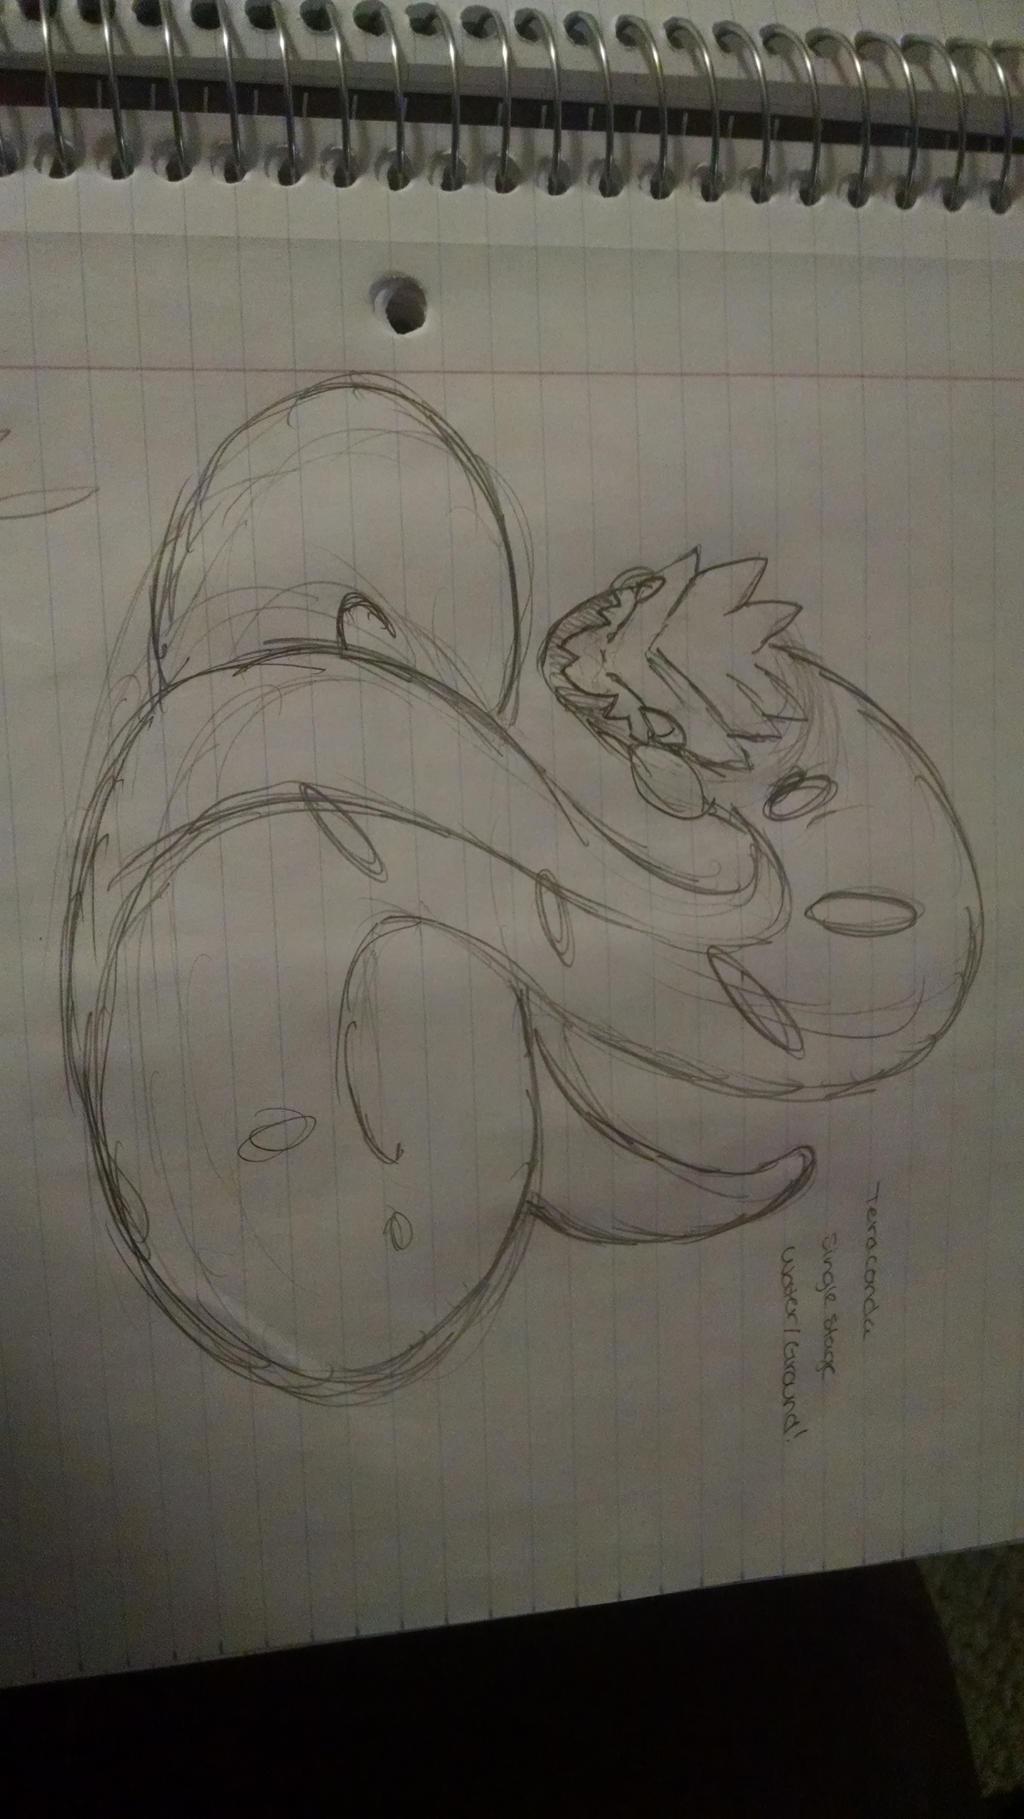 Teraconda Fakemon Concept